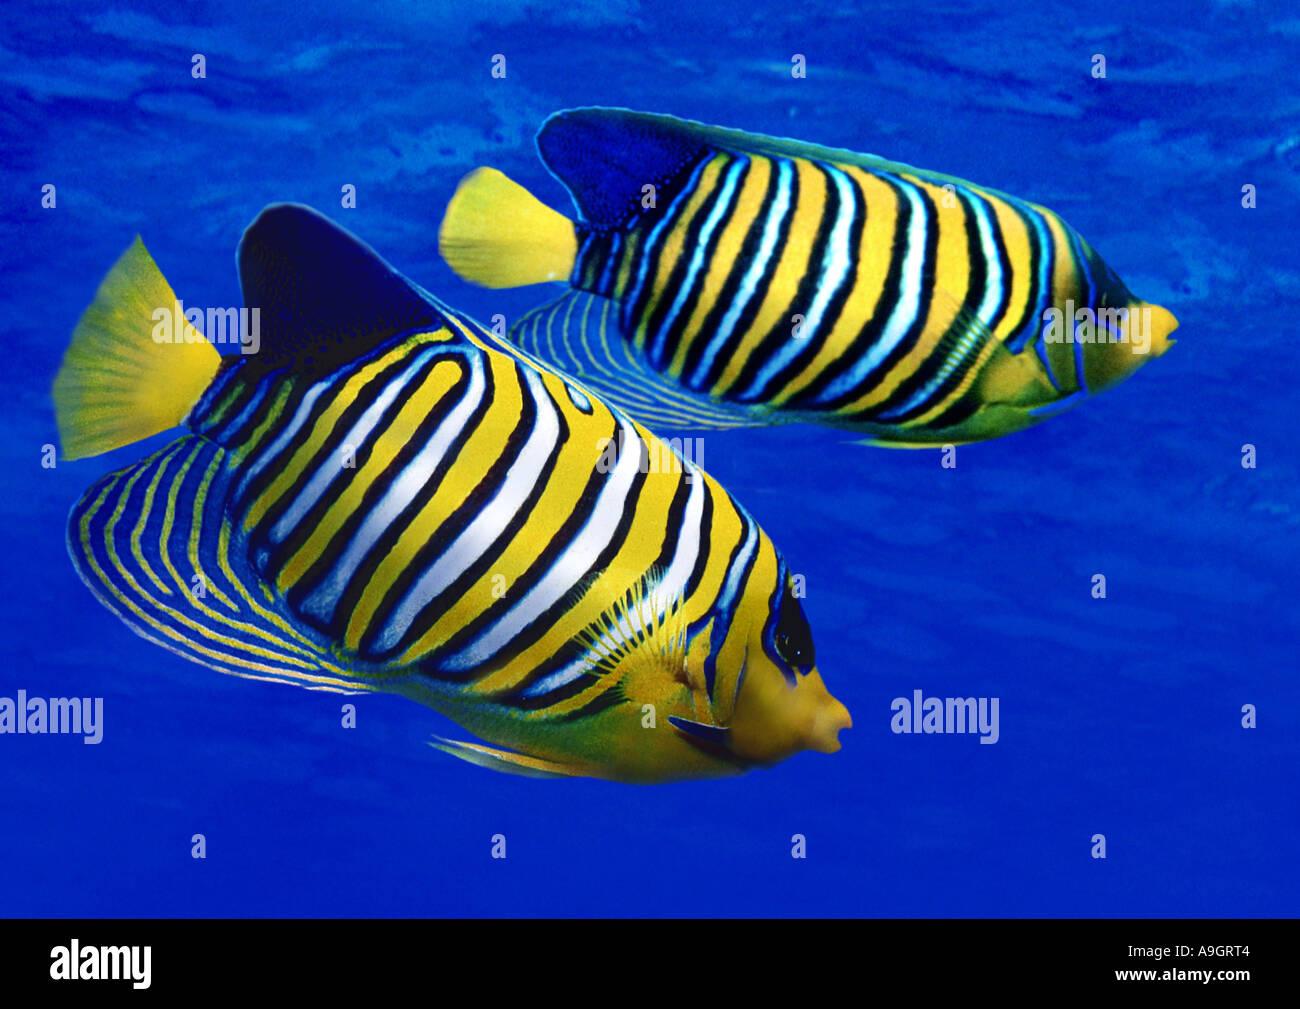 royal angelfish, blue-banded angelfish, regal angelfish (Pygoplites diacanthus), distribution: Indian Ocean - Stock Image